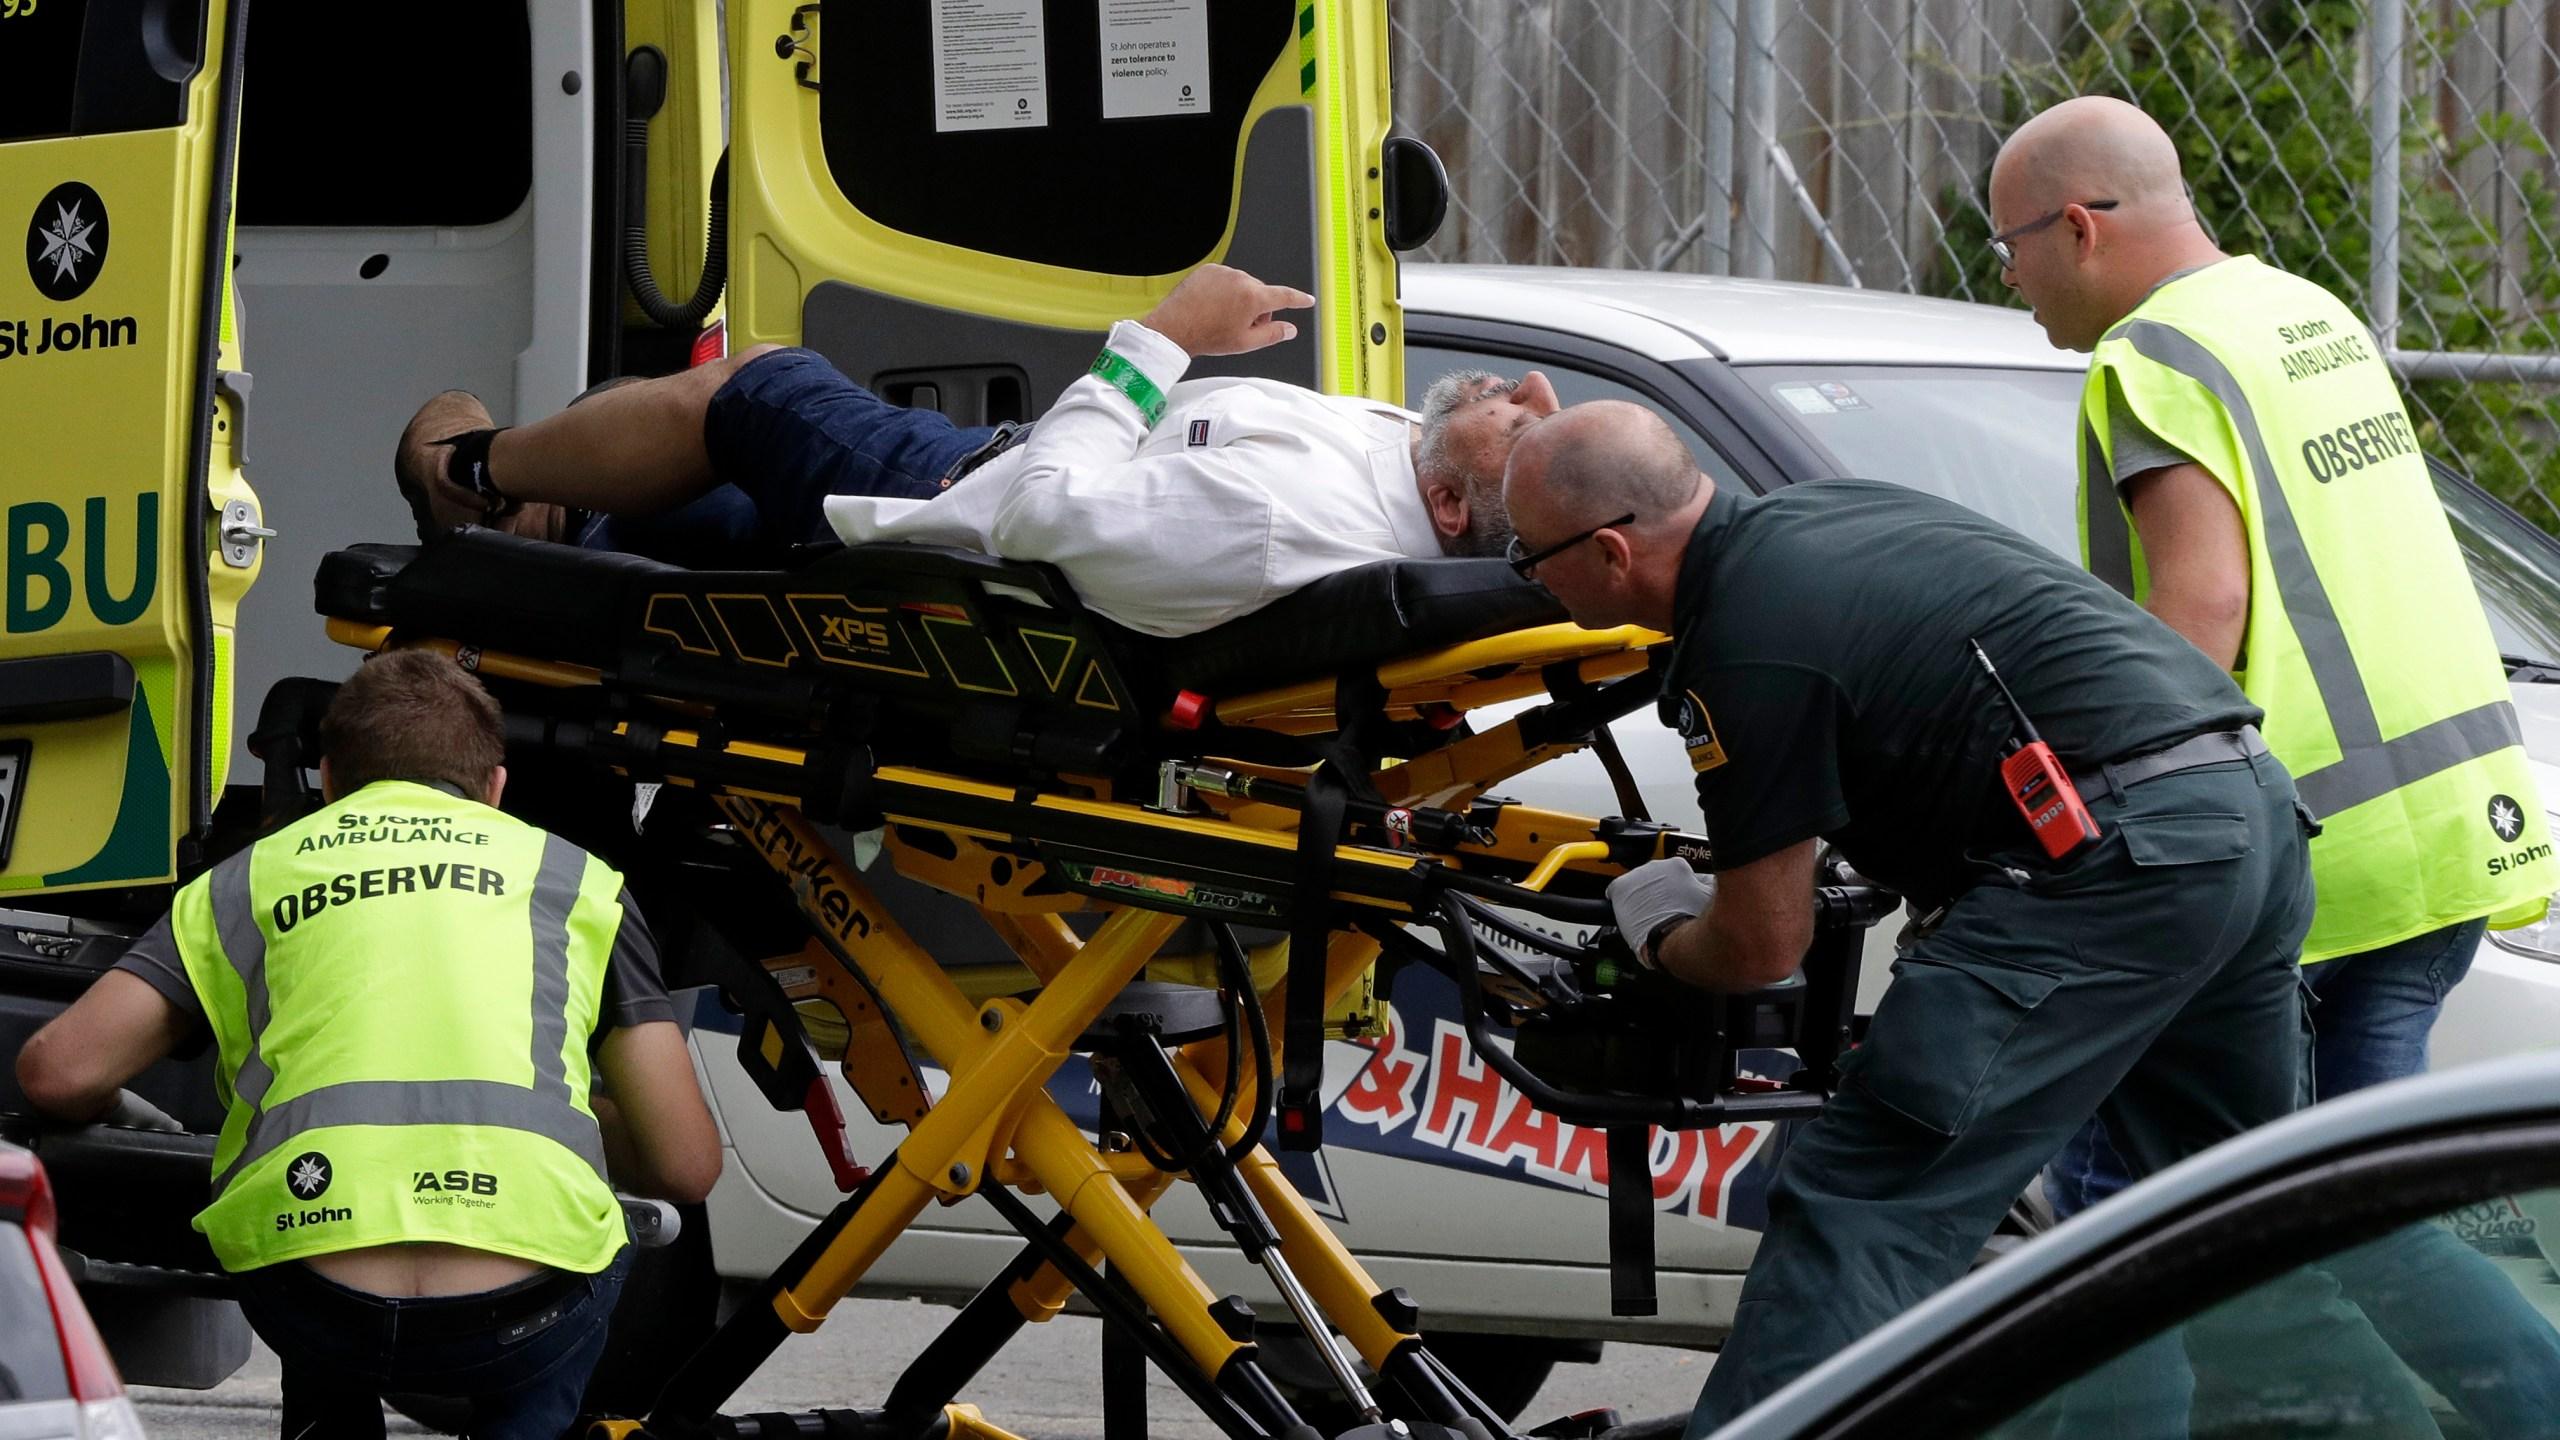 New_Zealand_Mosque_Shooting_74732-159532.jpg09248396